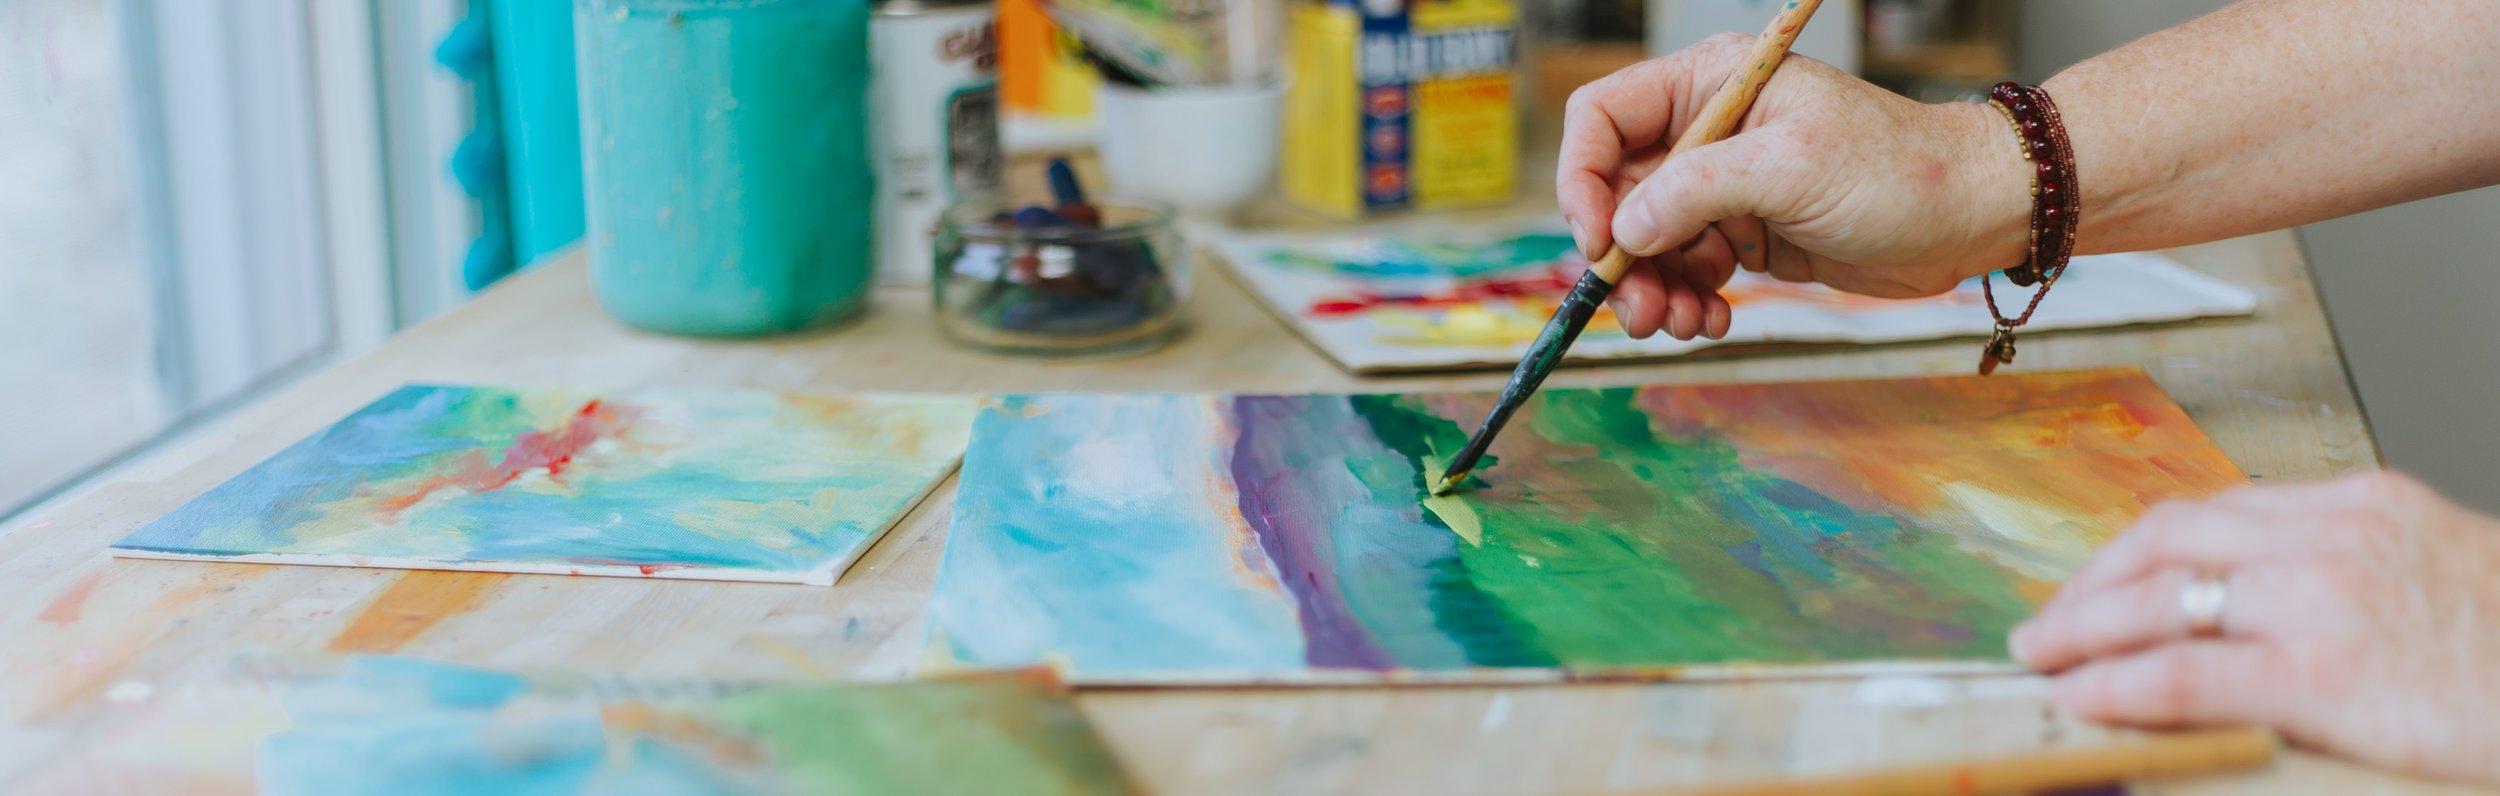 True Colors Art Program with Kellee Wynne Studios in the studio painting 5 (2).jpg